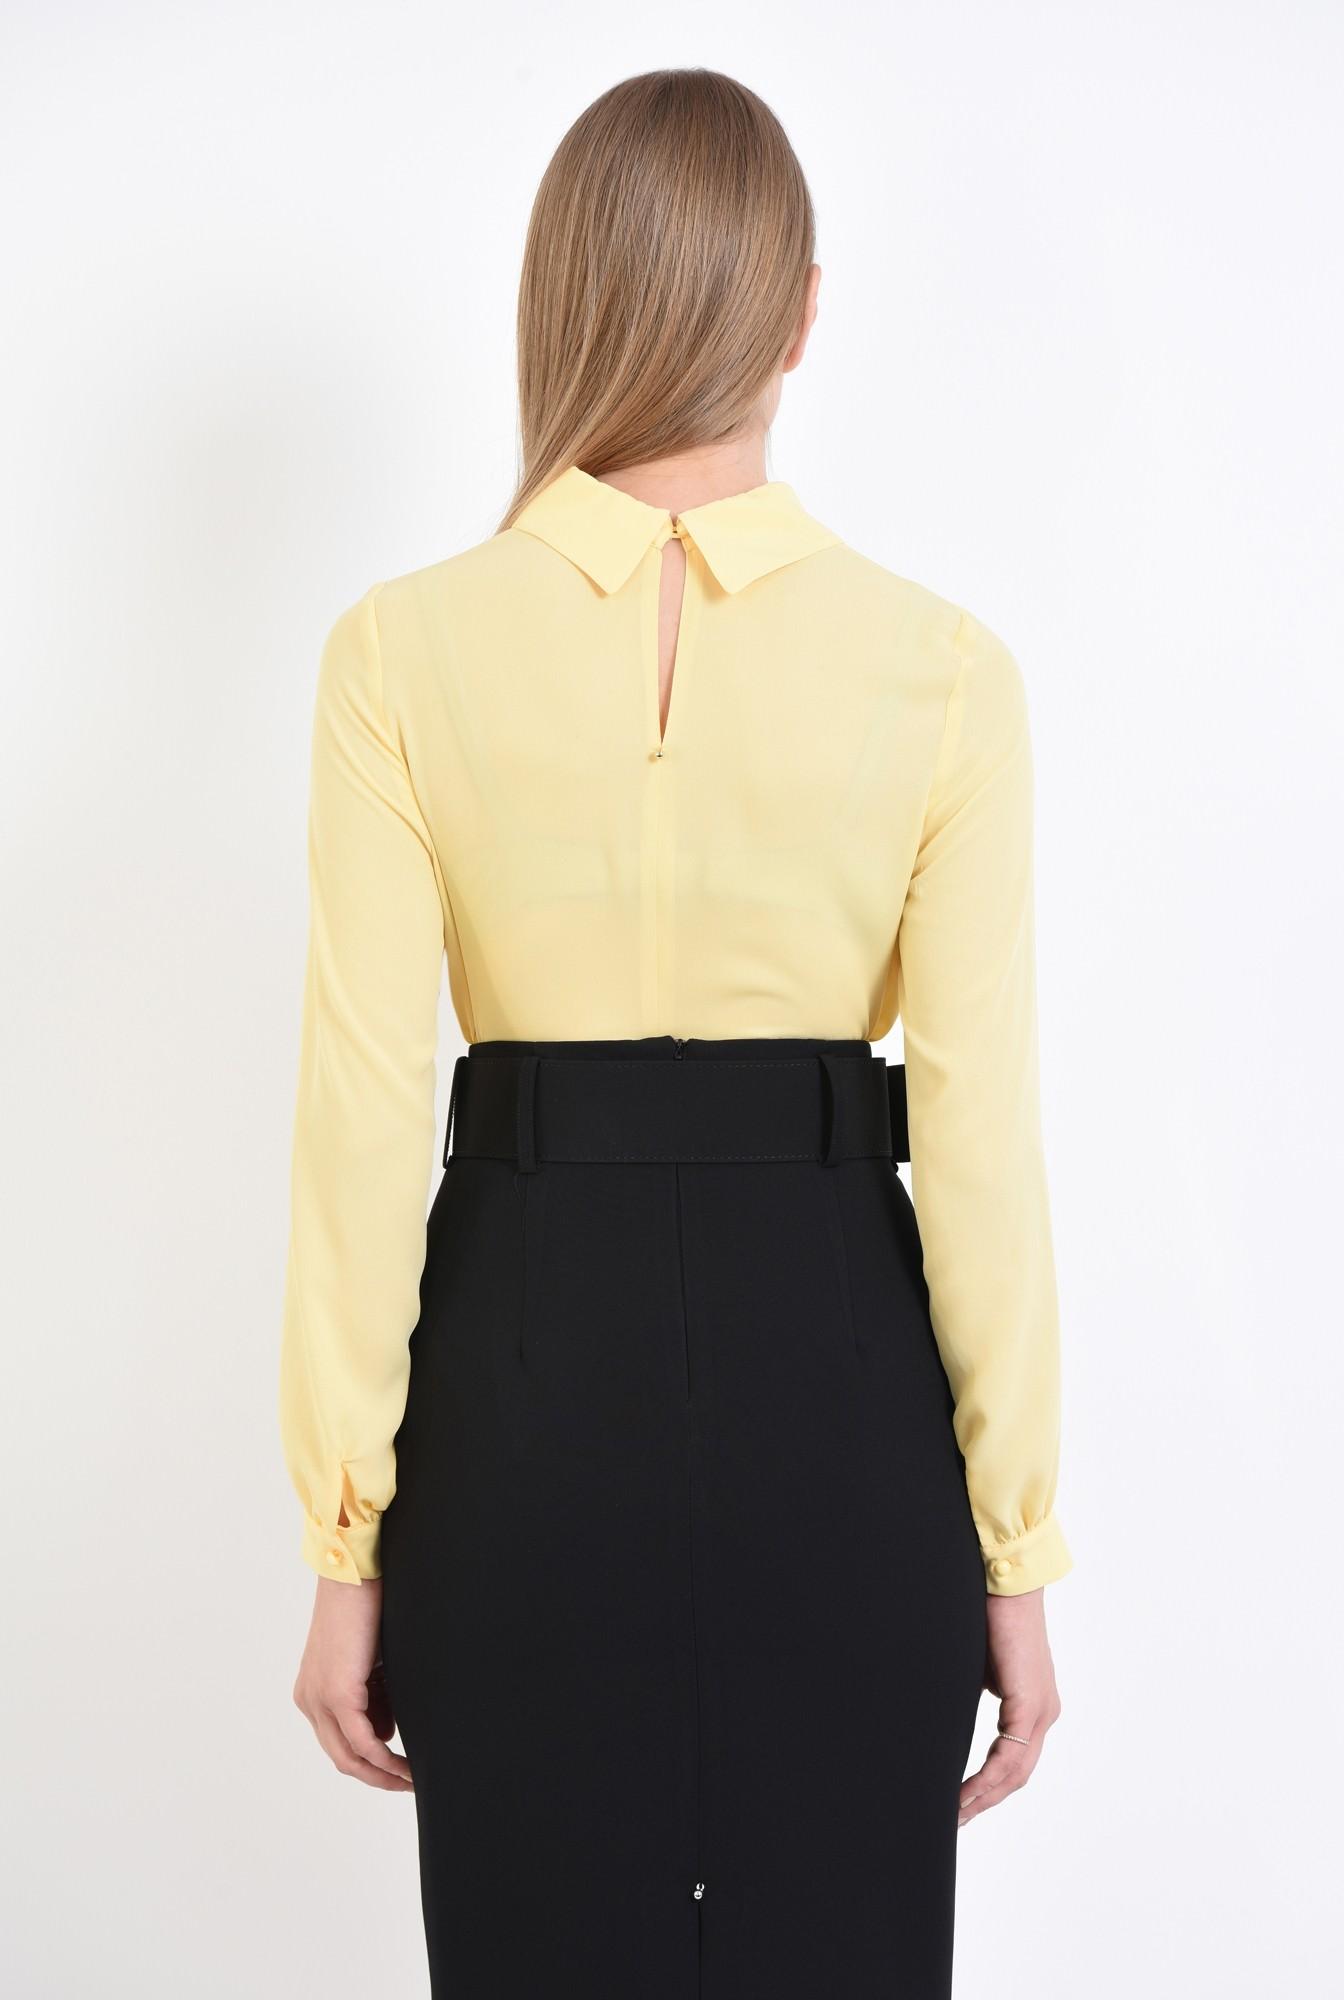 1 - bluza casual, galben, maneci lungi